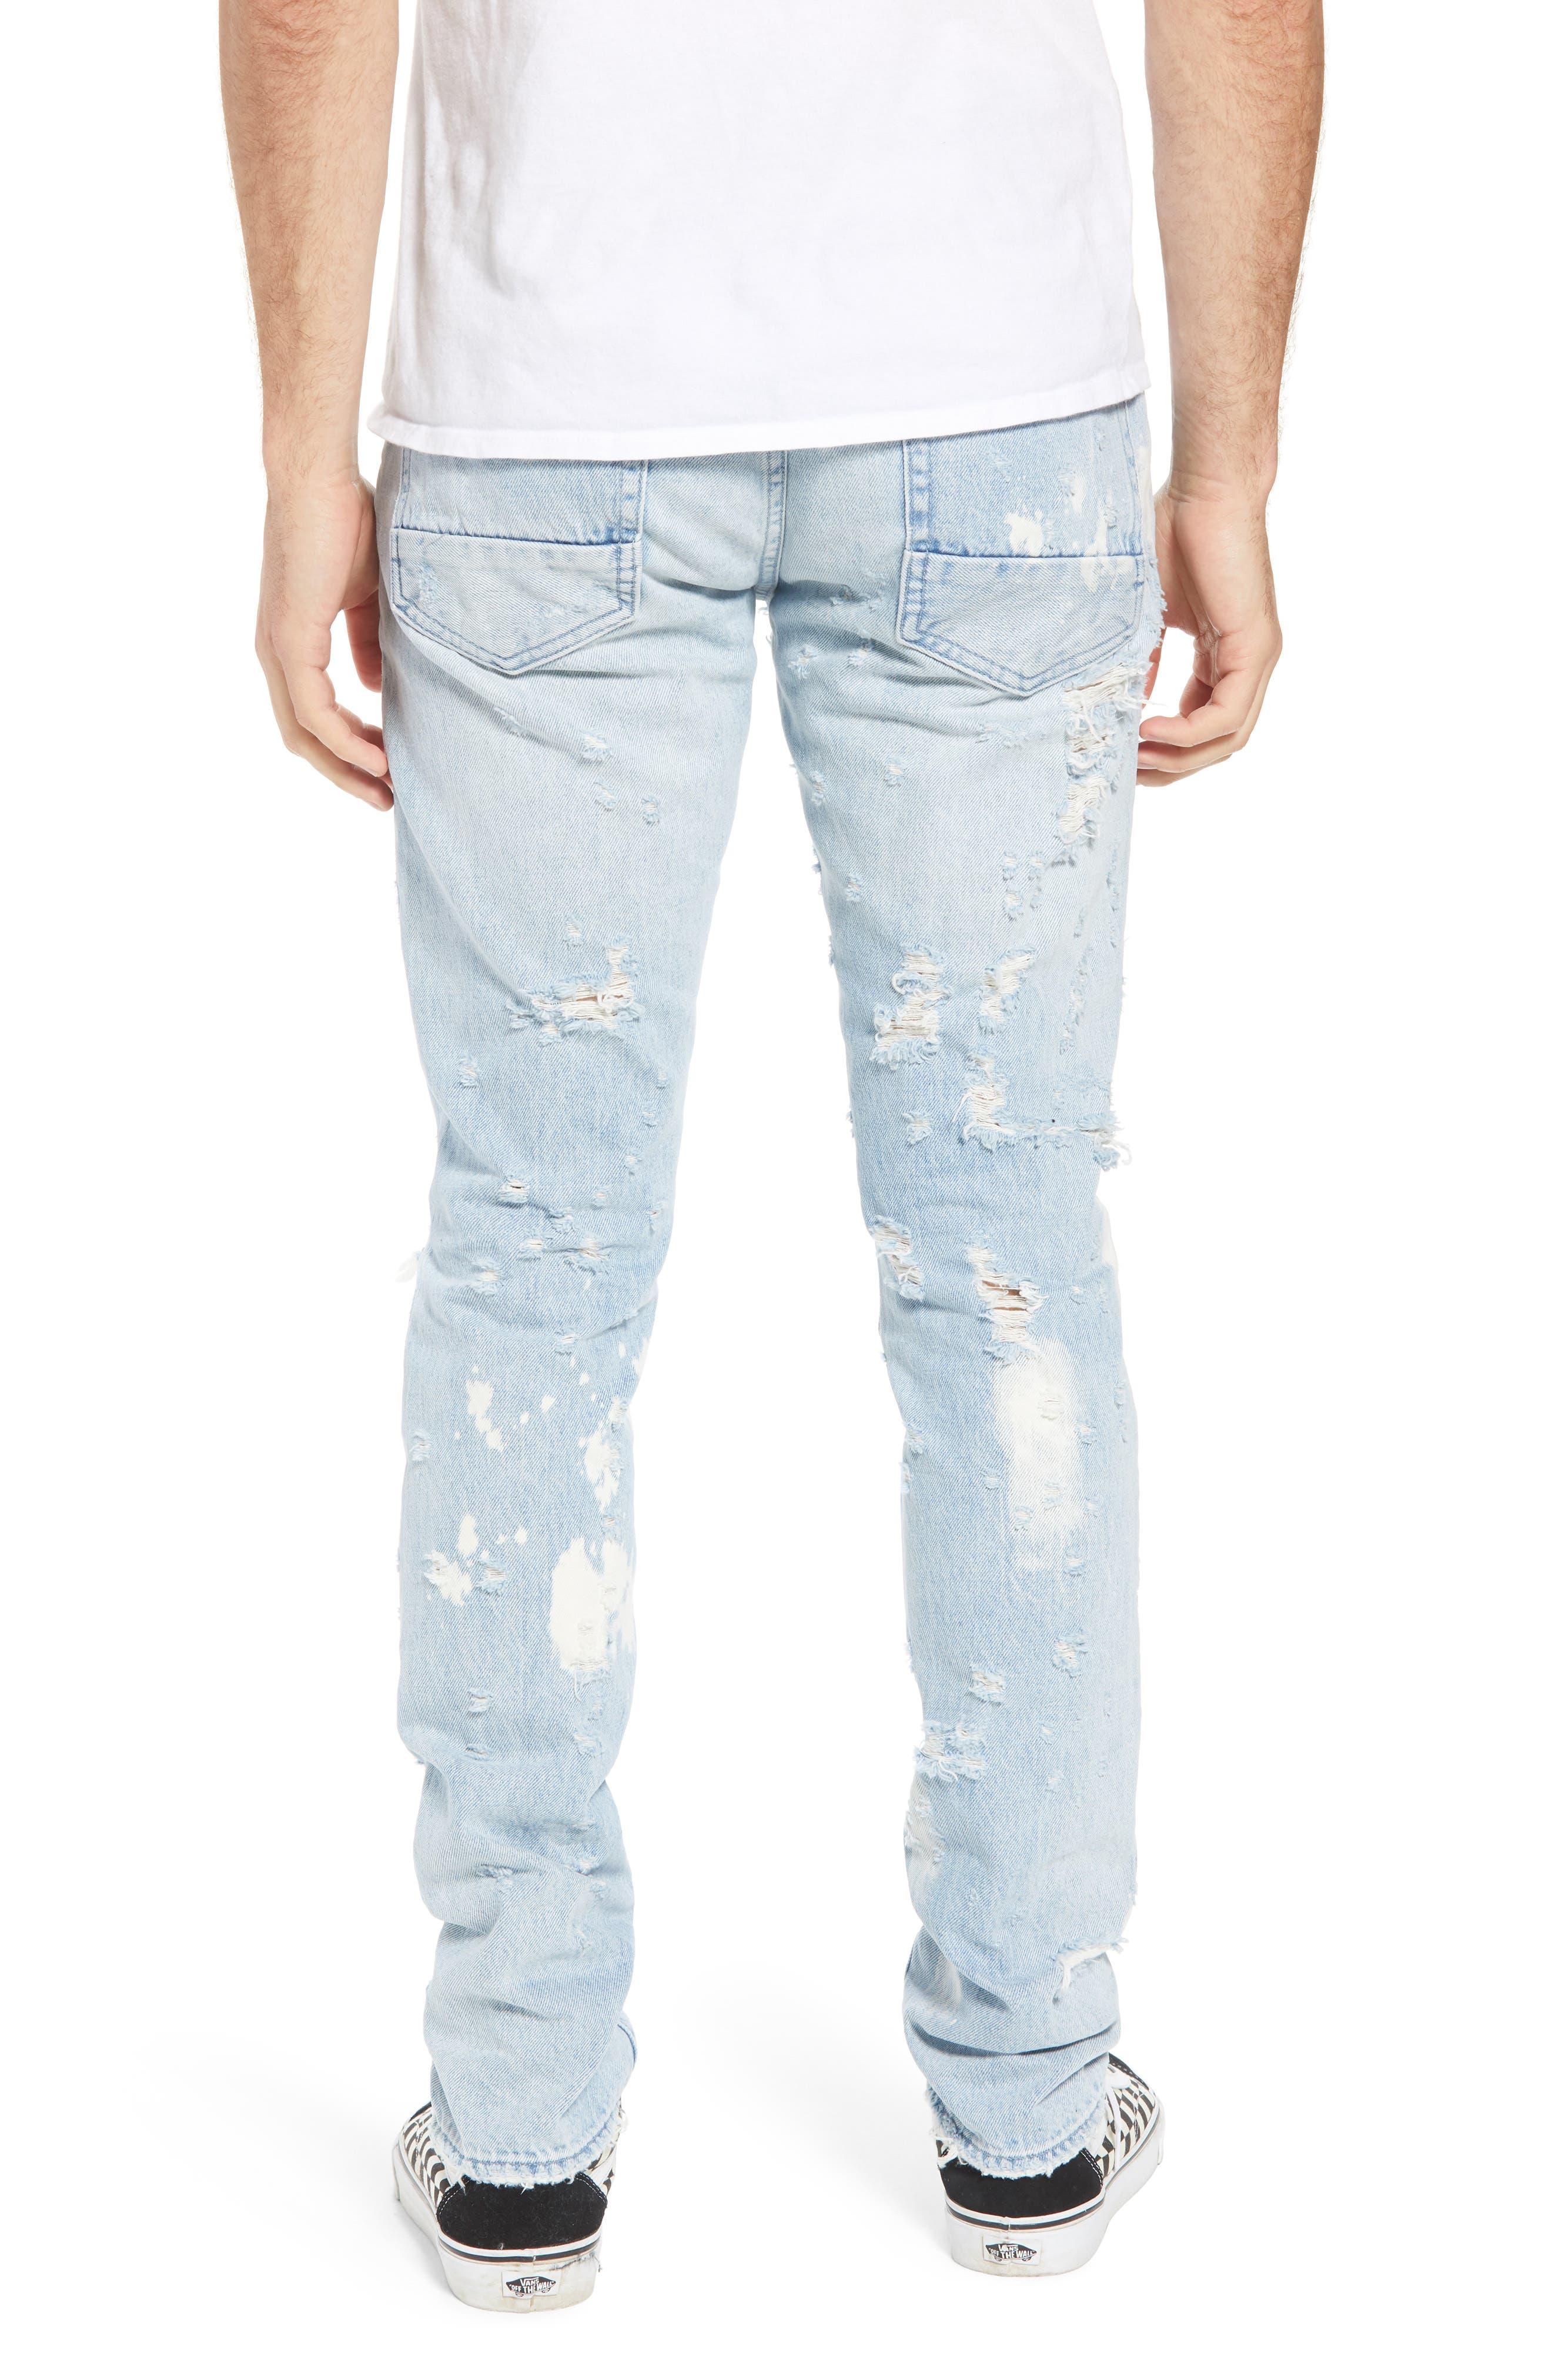 Le Sabre Slim Fit Jeans,                             Alternate thumbnail 2, color,                             Lavish